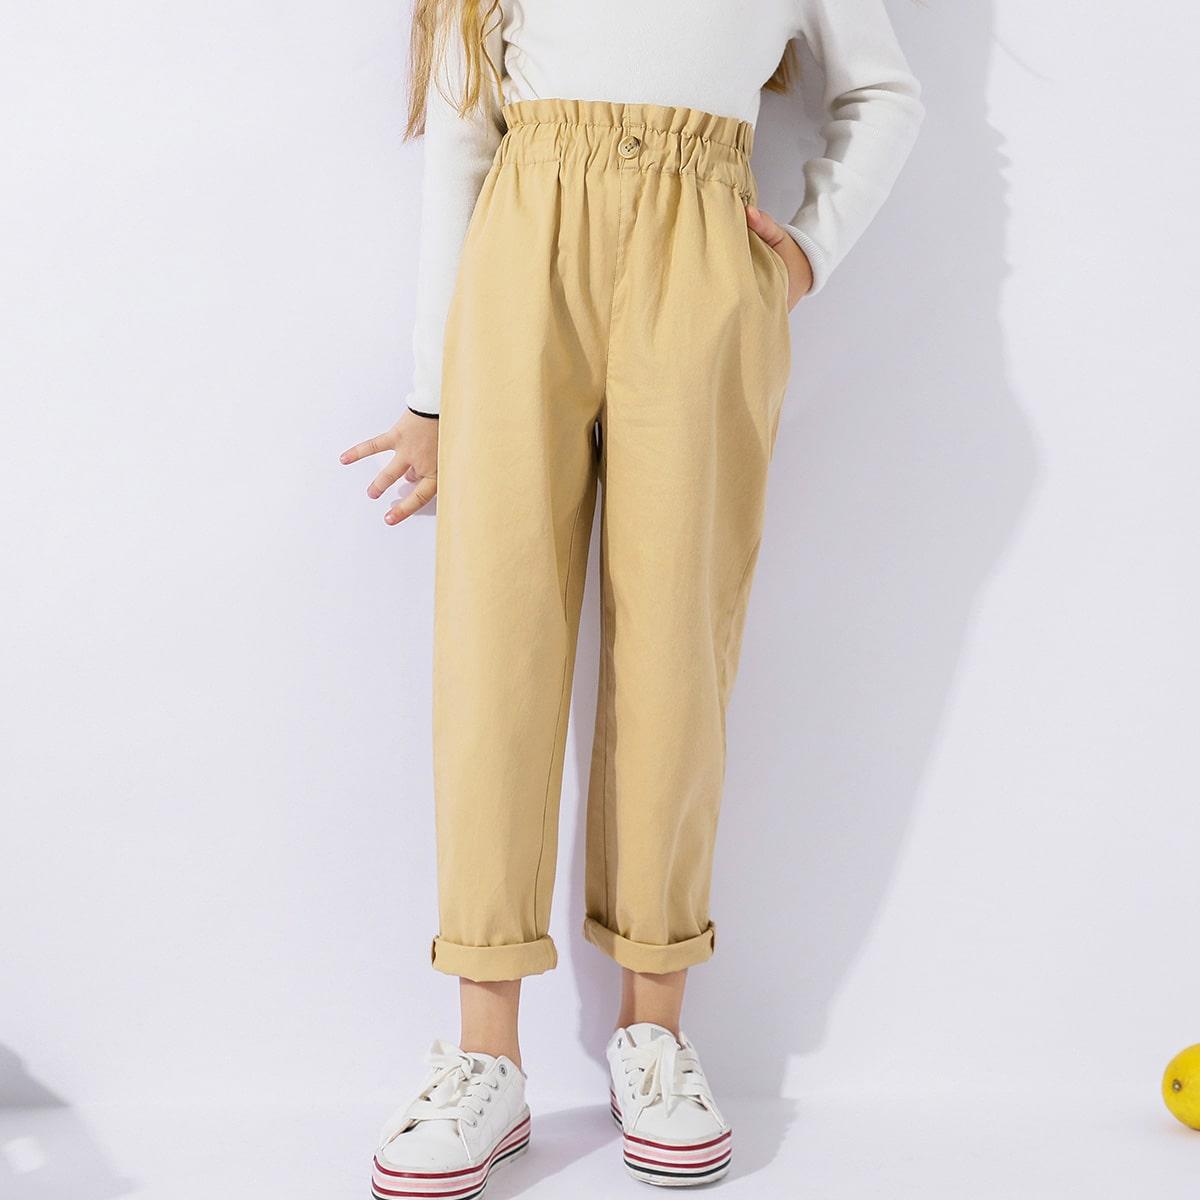 Однотонные брюки с присборенной талией для девочек